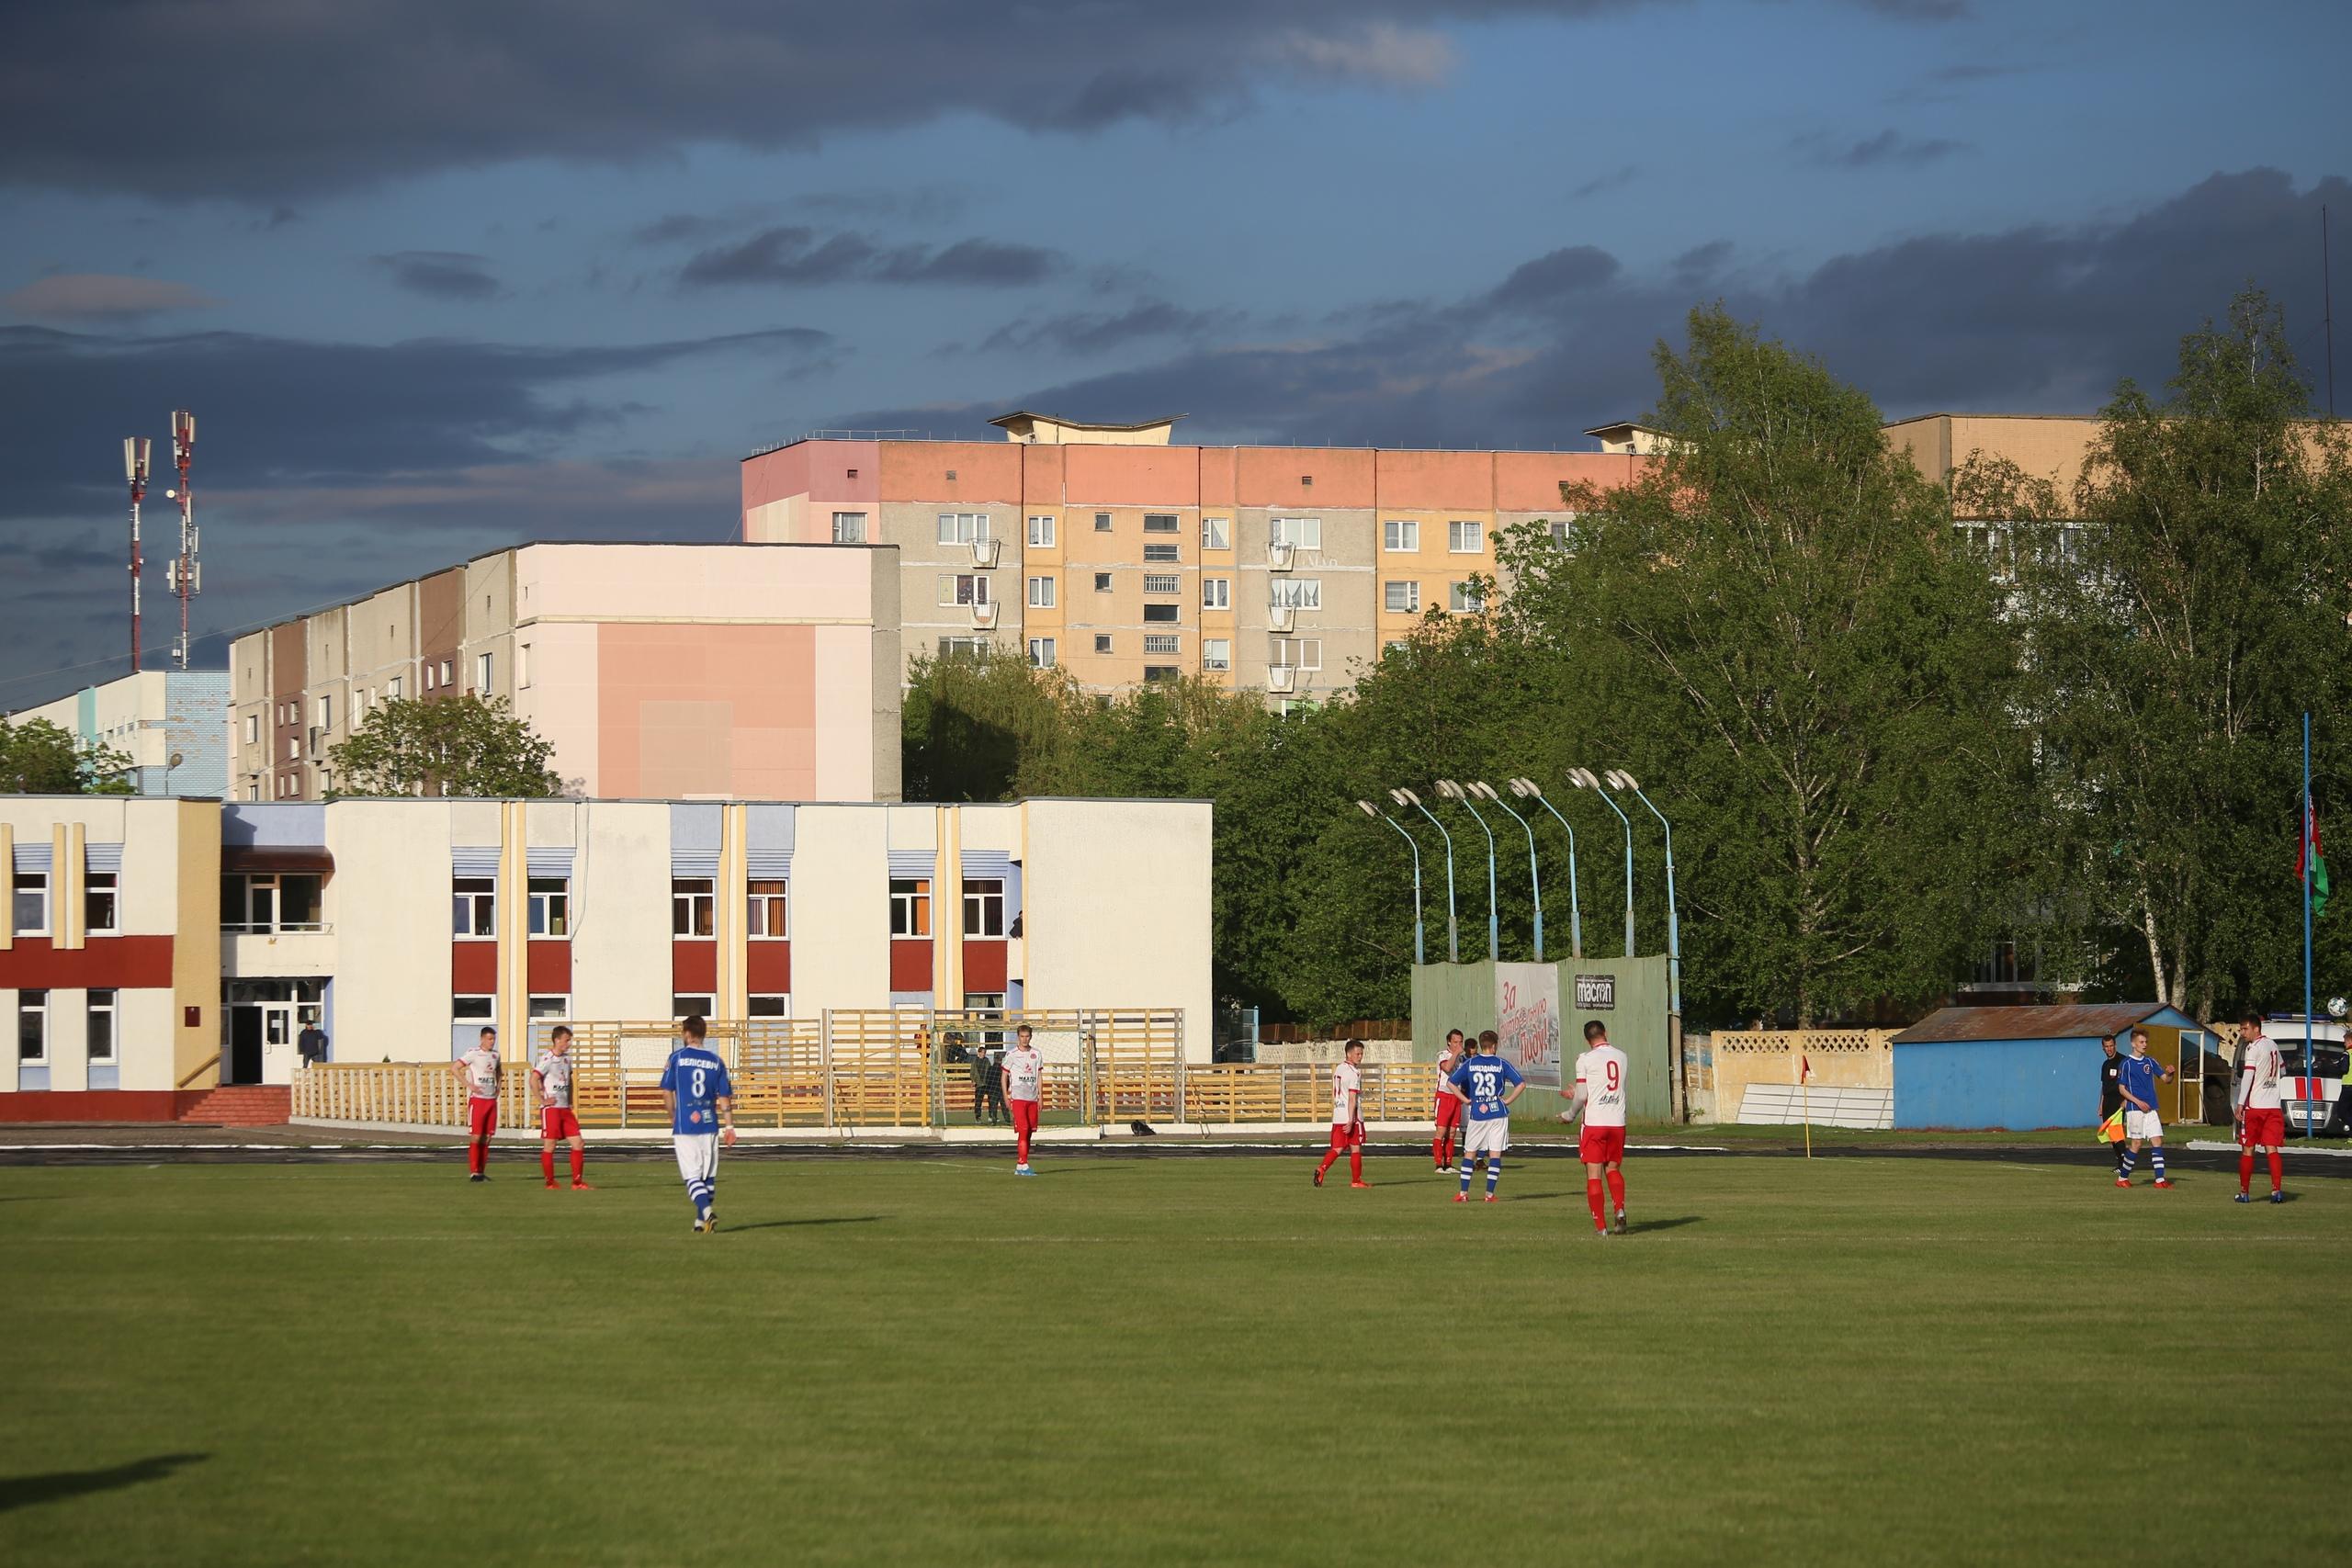 Футбольный клуб «Лида» провел в минувшую субботу матч 19-го тура чемпионата страны в первой лиге.